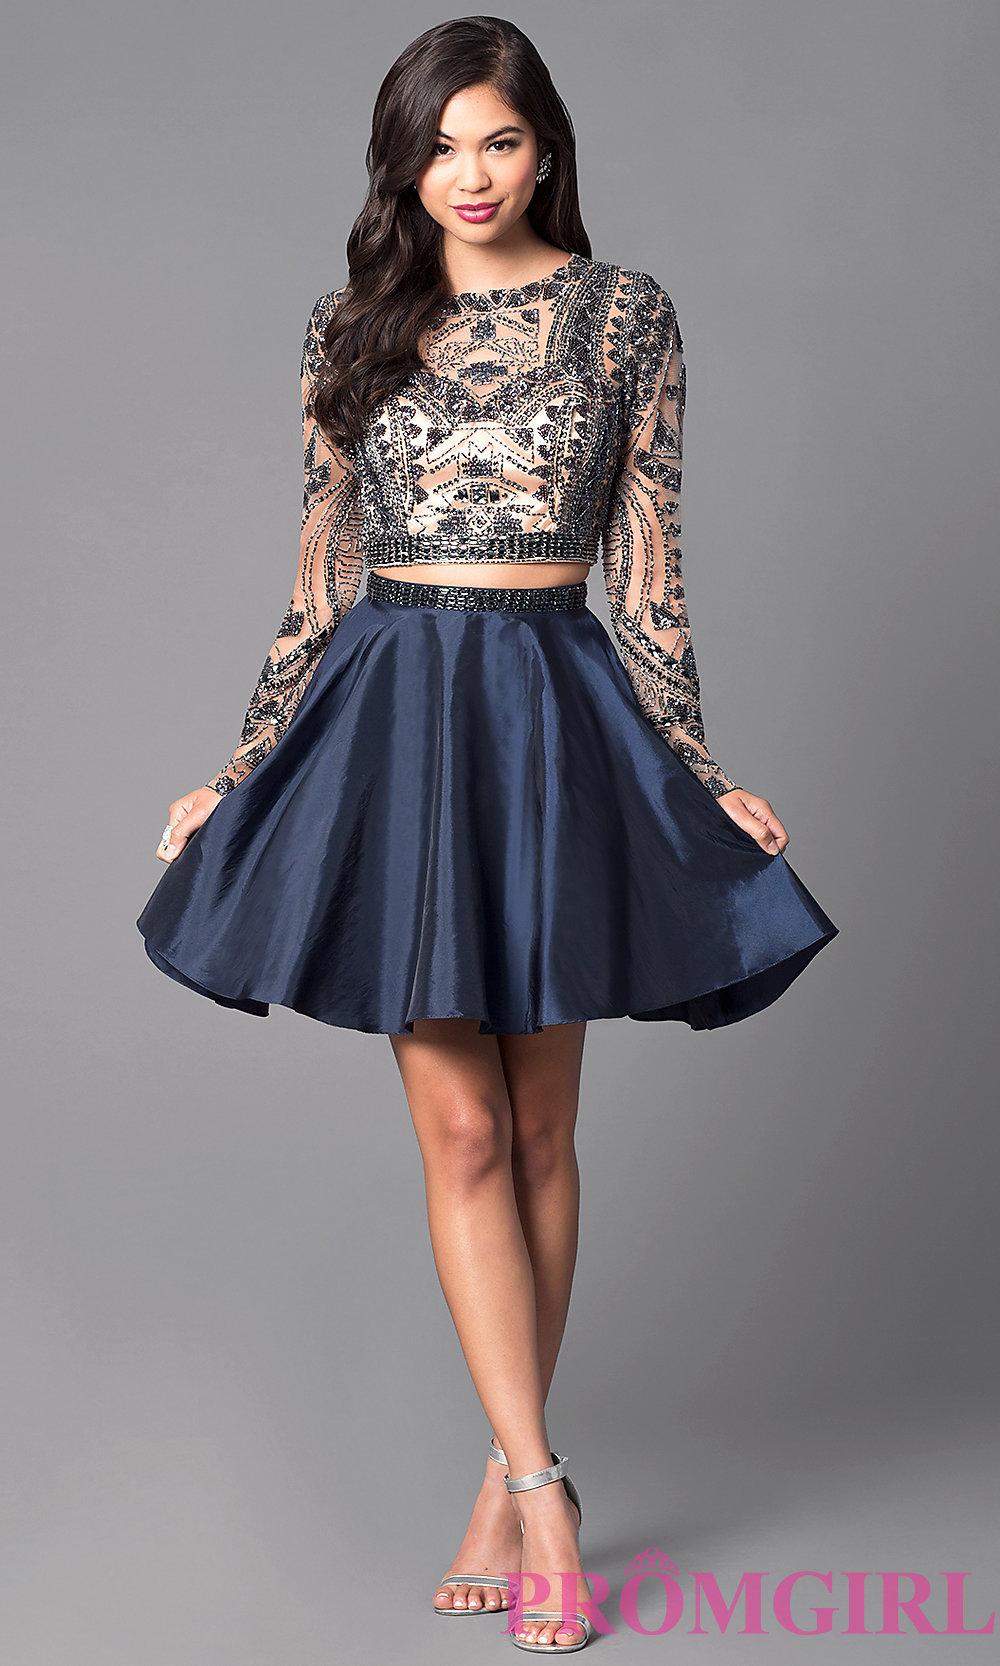 short sleeve dresses loved! jmwhrhu